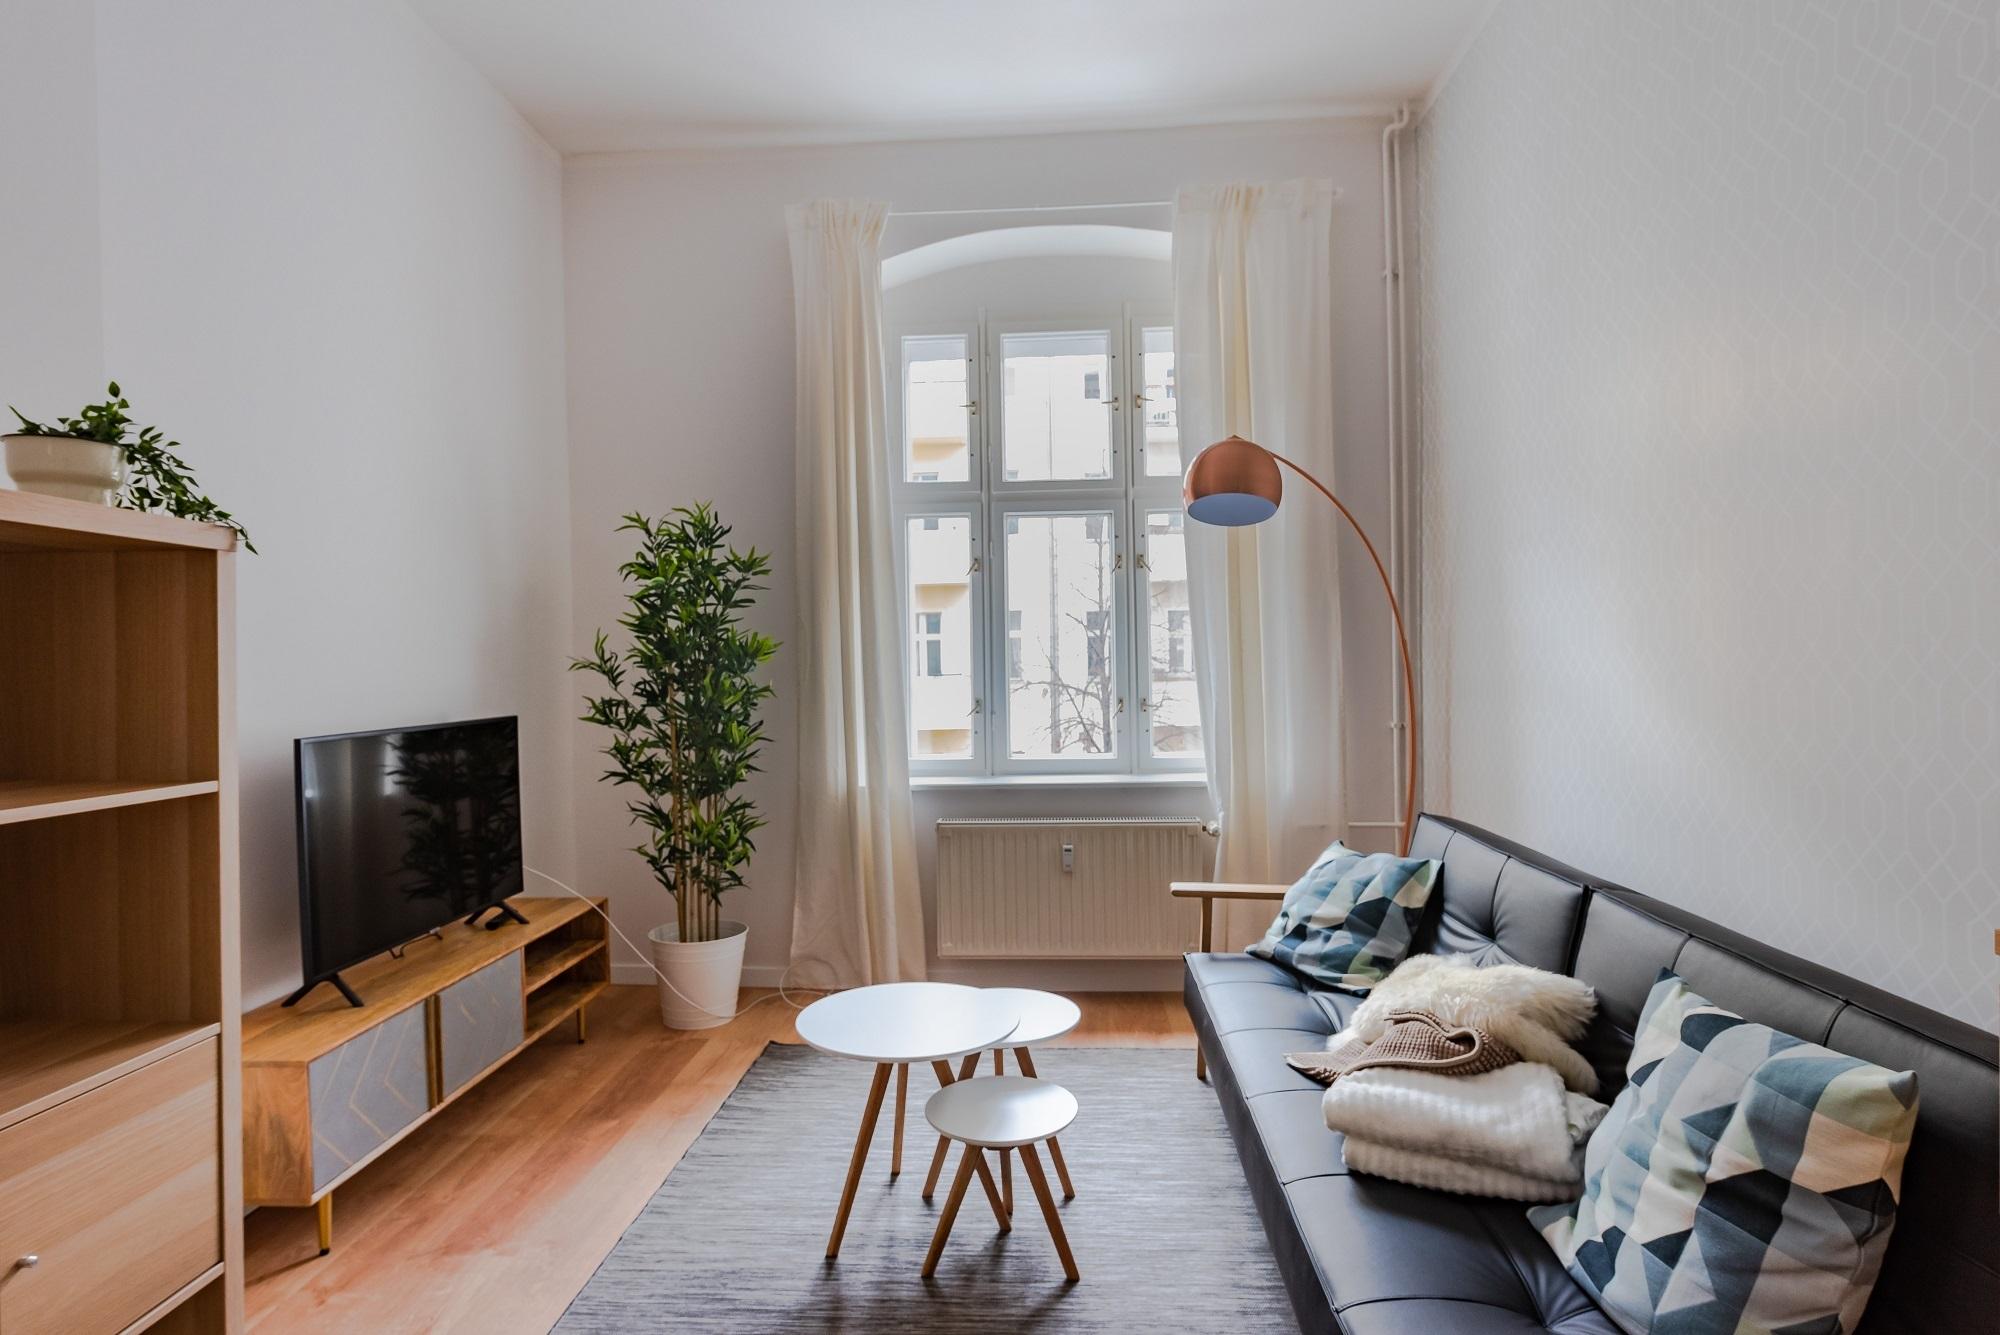 2 Zimmer Wohnung Berlin